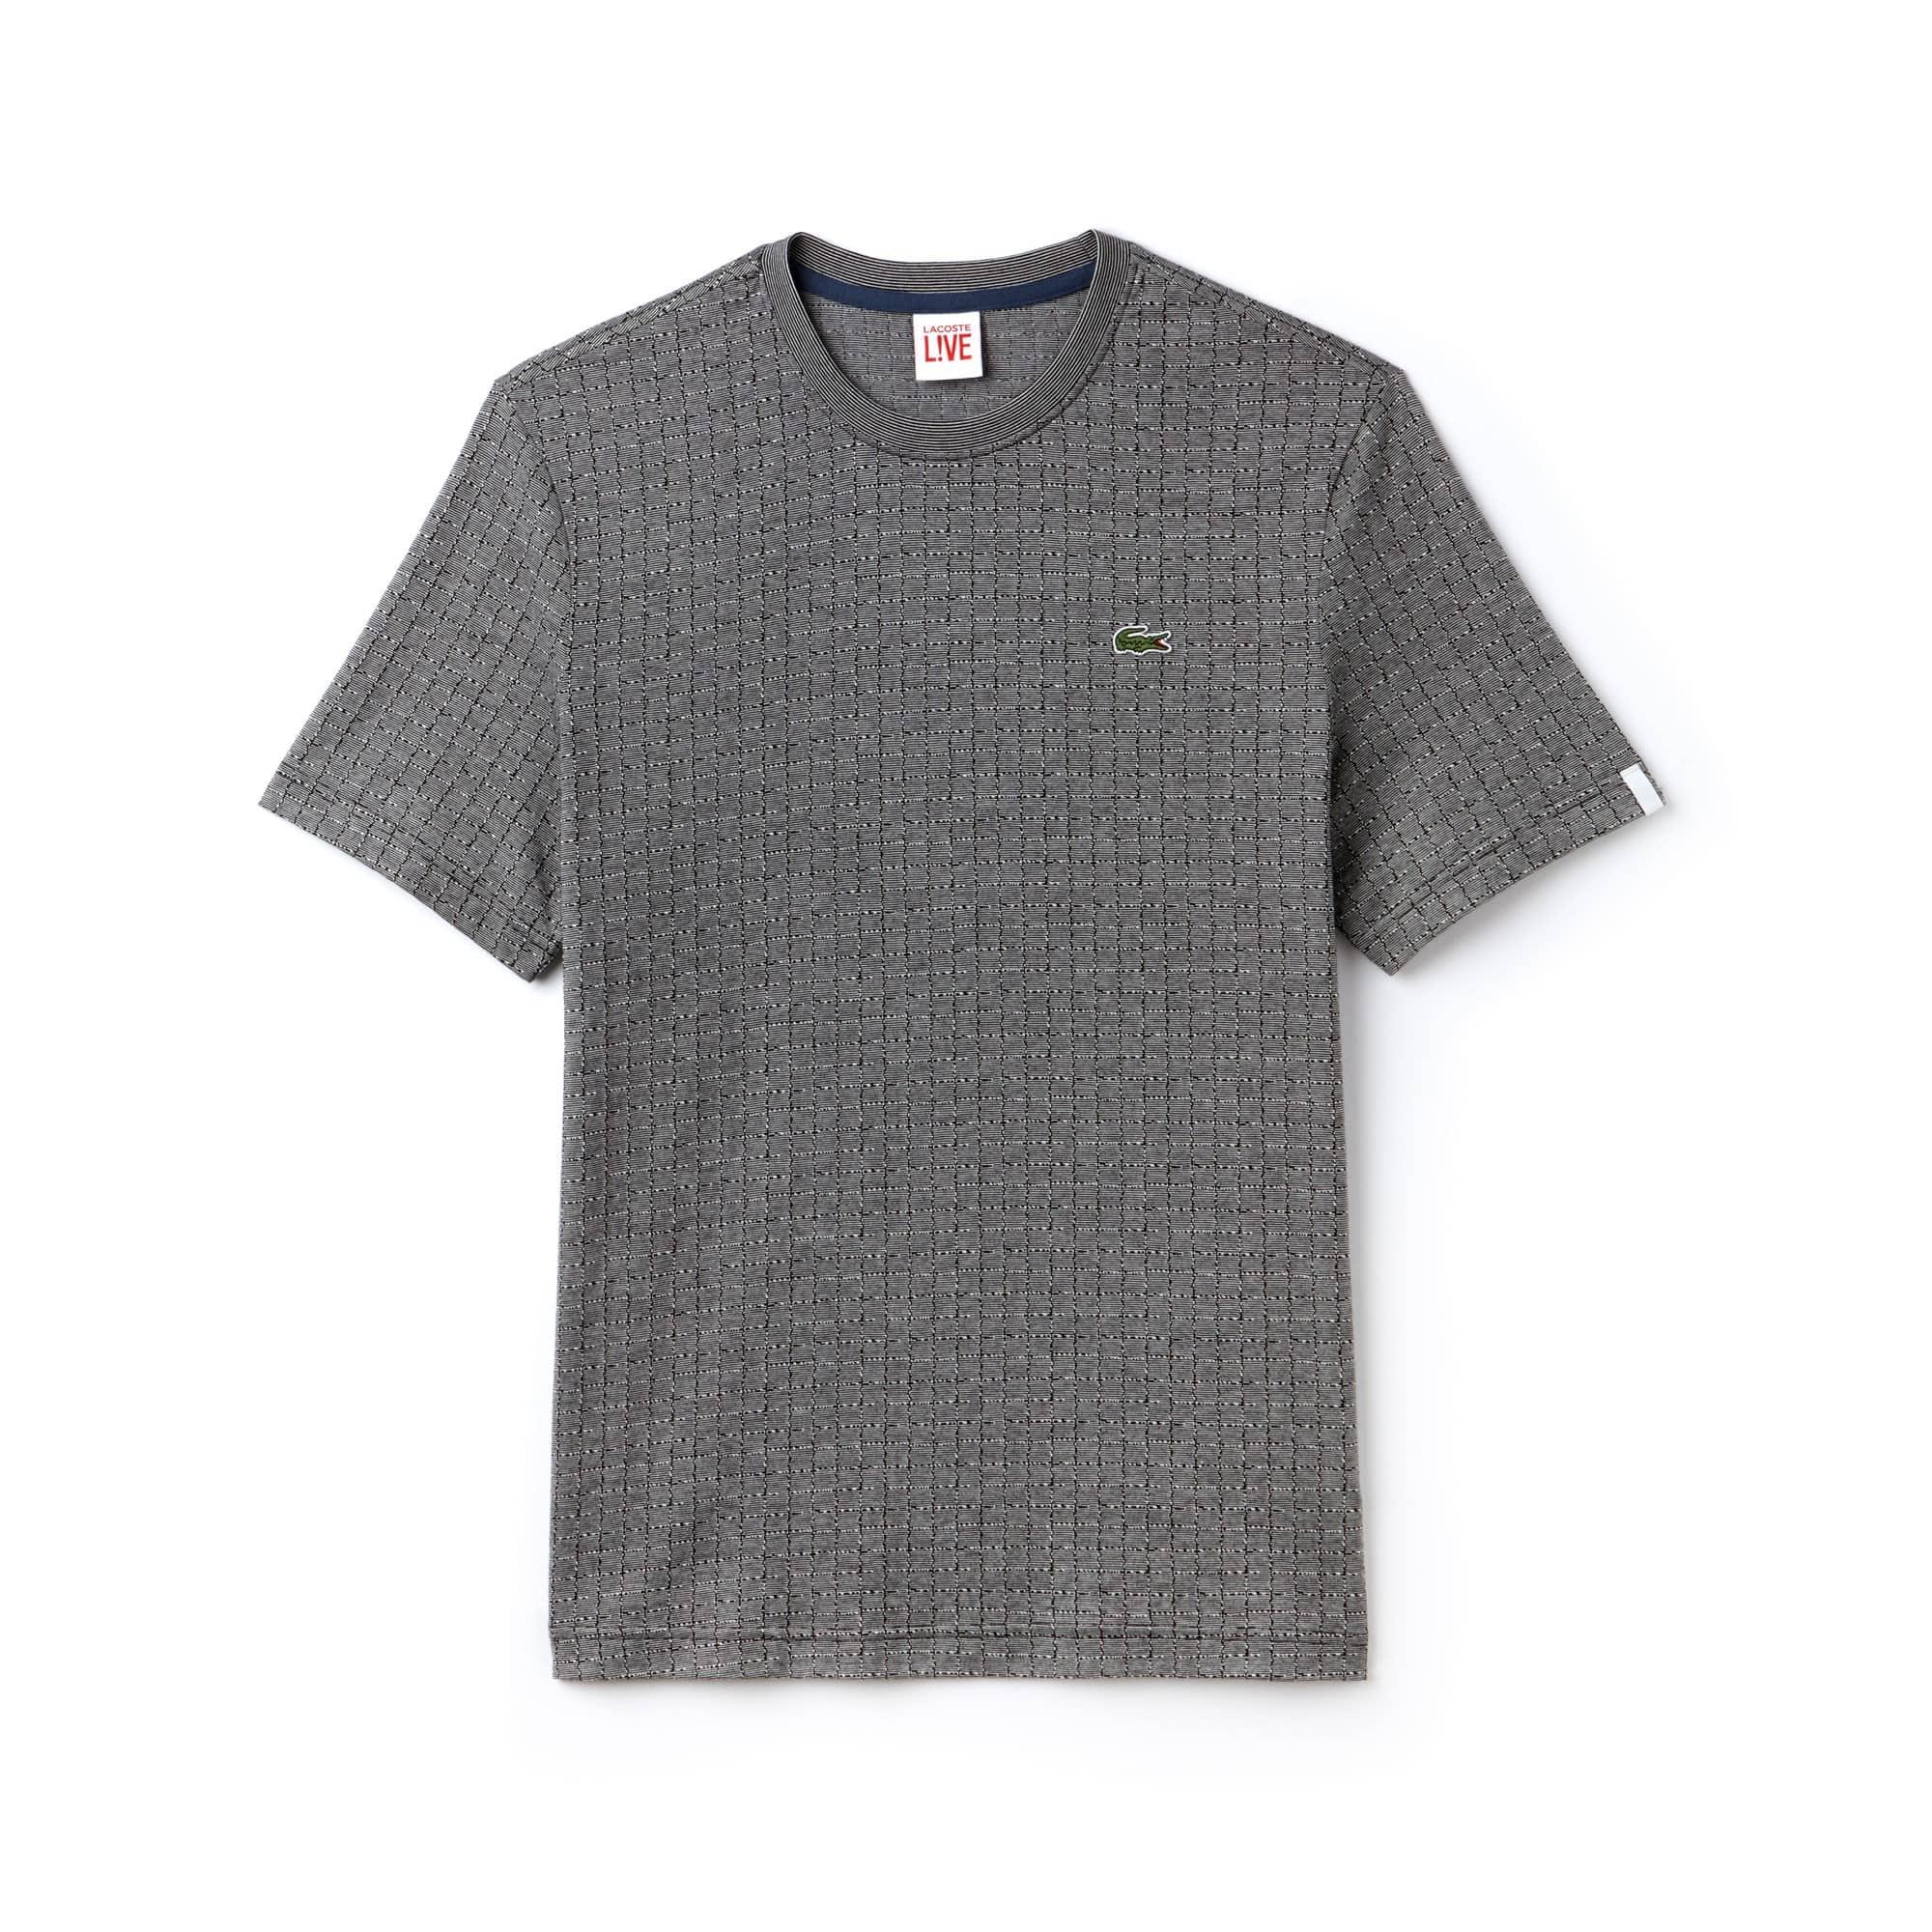 Men's Lacoste LIVE Crew Neck Print Cotton Jacquard T-shirt